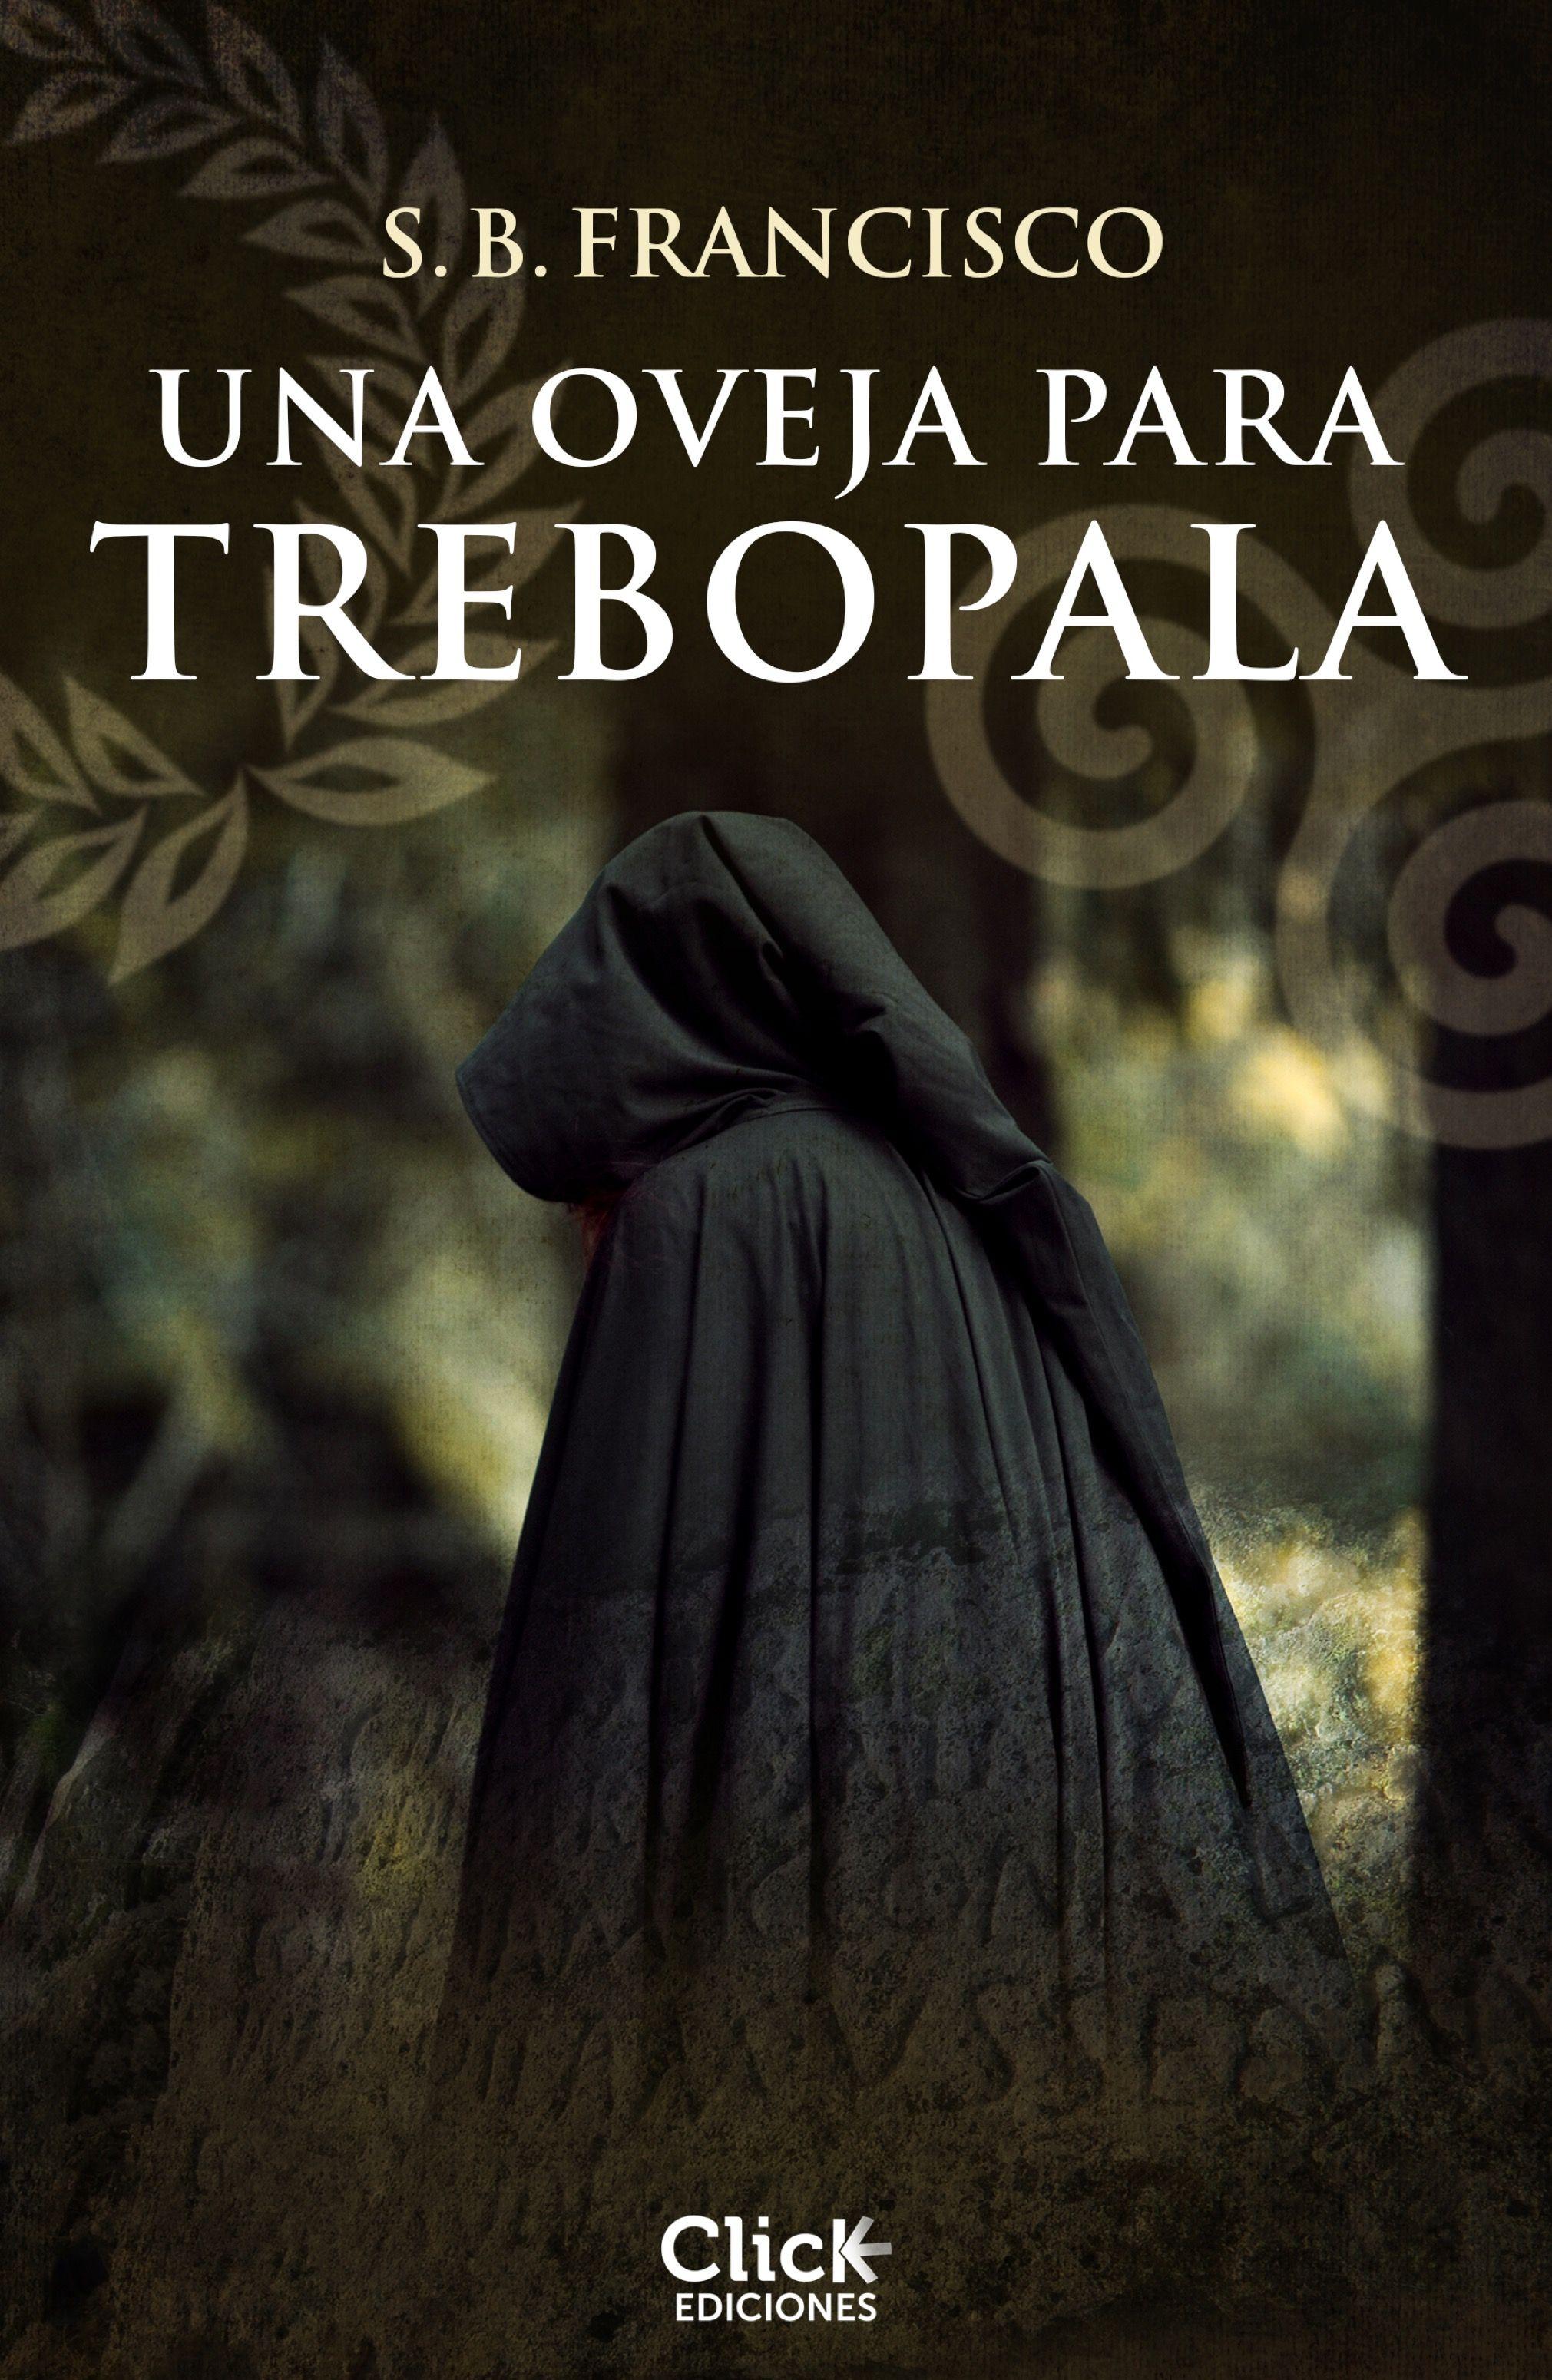 Una oveja para Trebopala, un relato lleno de emoción y rigor histórico